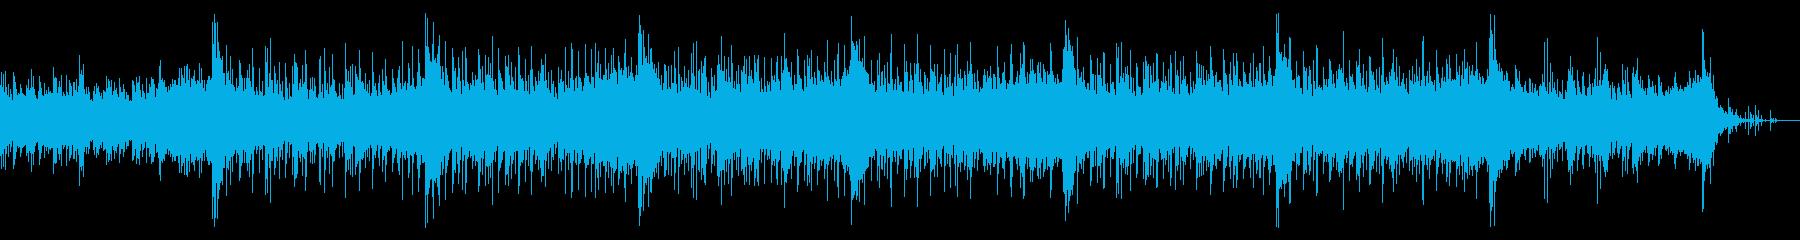 無機質でダークなIDMテクスチャーの再生済みの波形